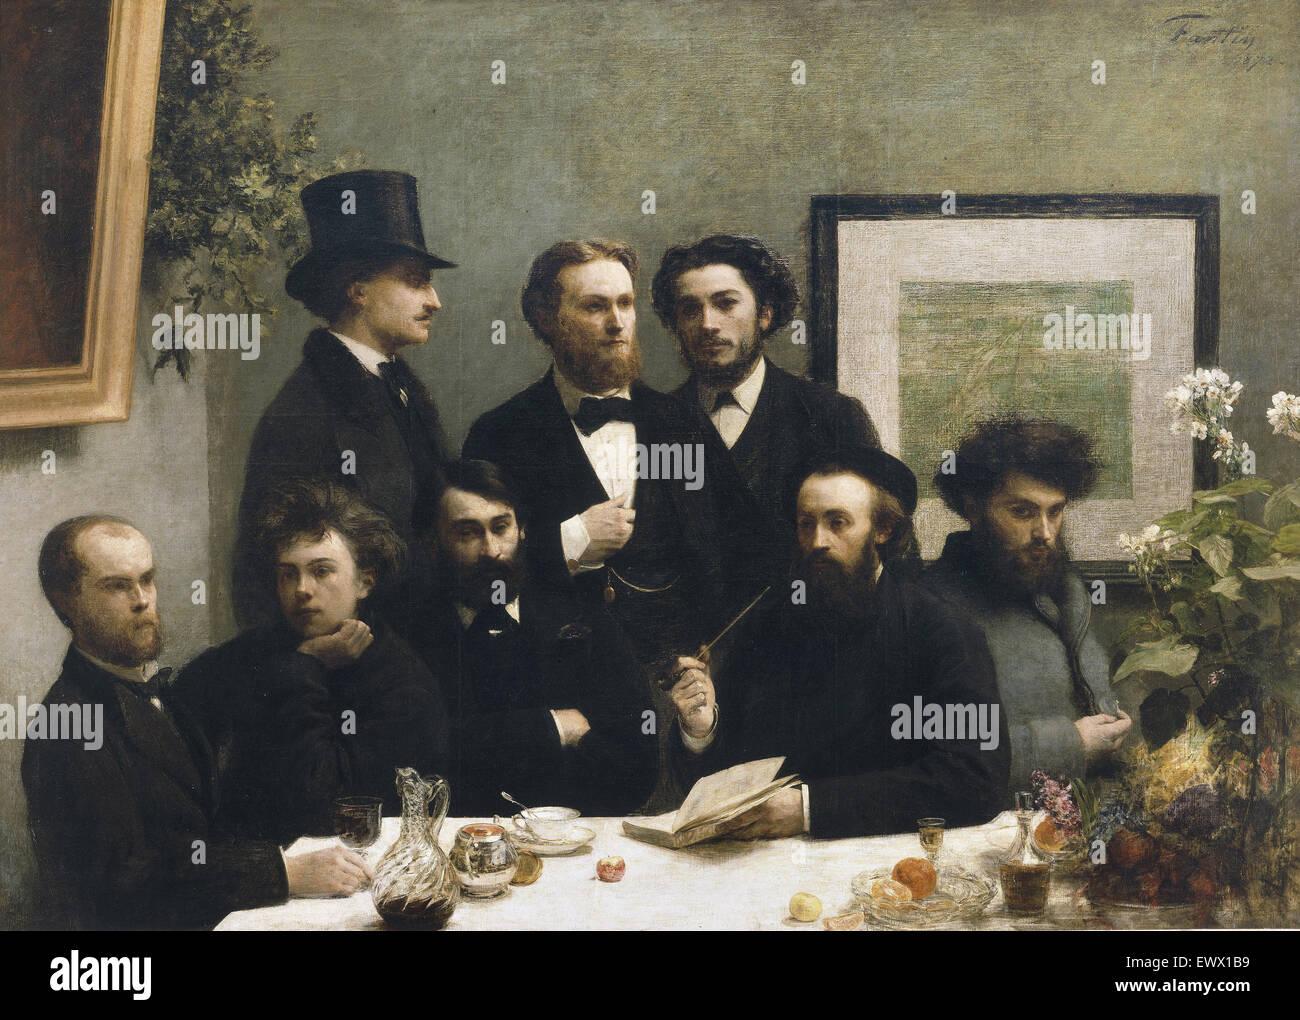 Henri Fantin-Latour, por la tabla 1872 Óleo sobre lienzo. Musee d'Orsay, París, Francia. Imagen De Stock